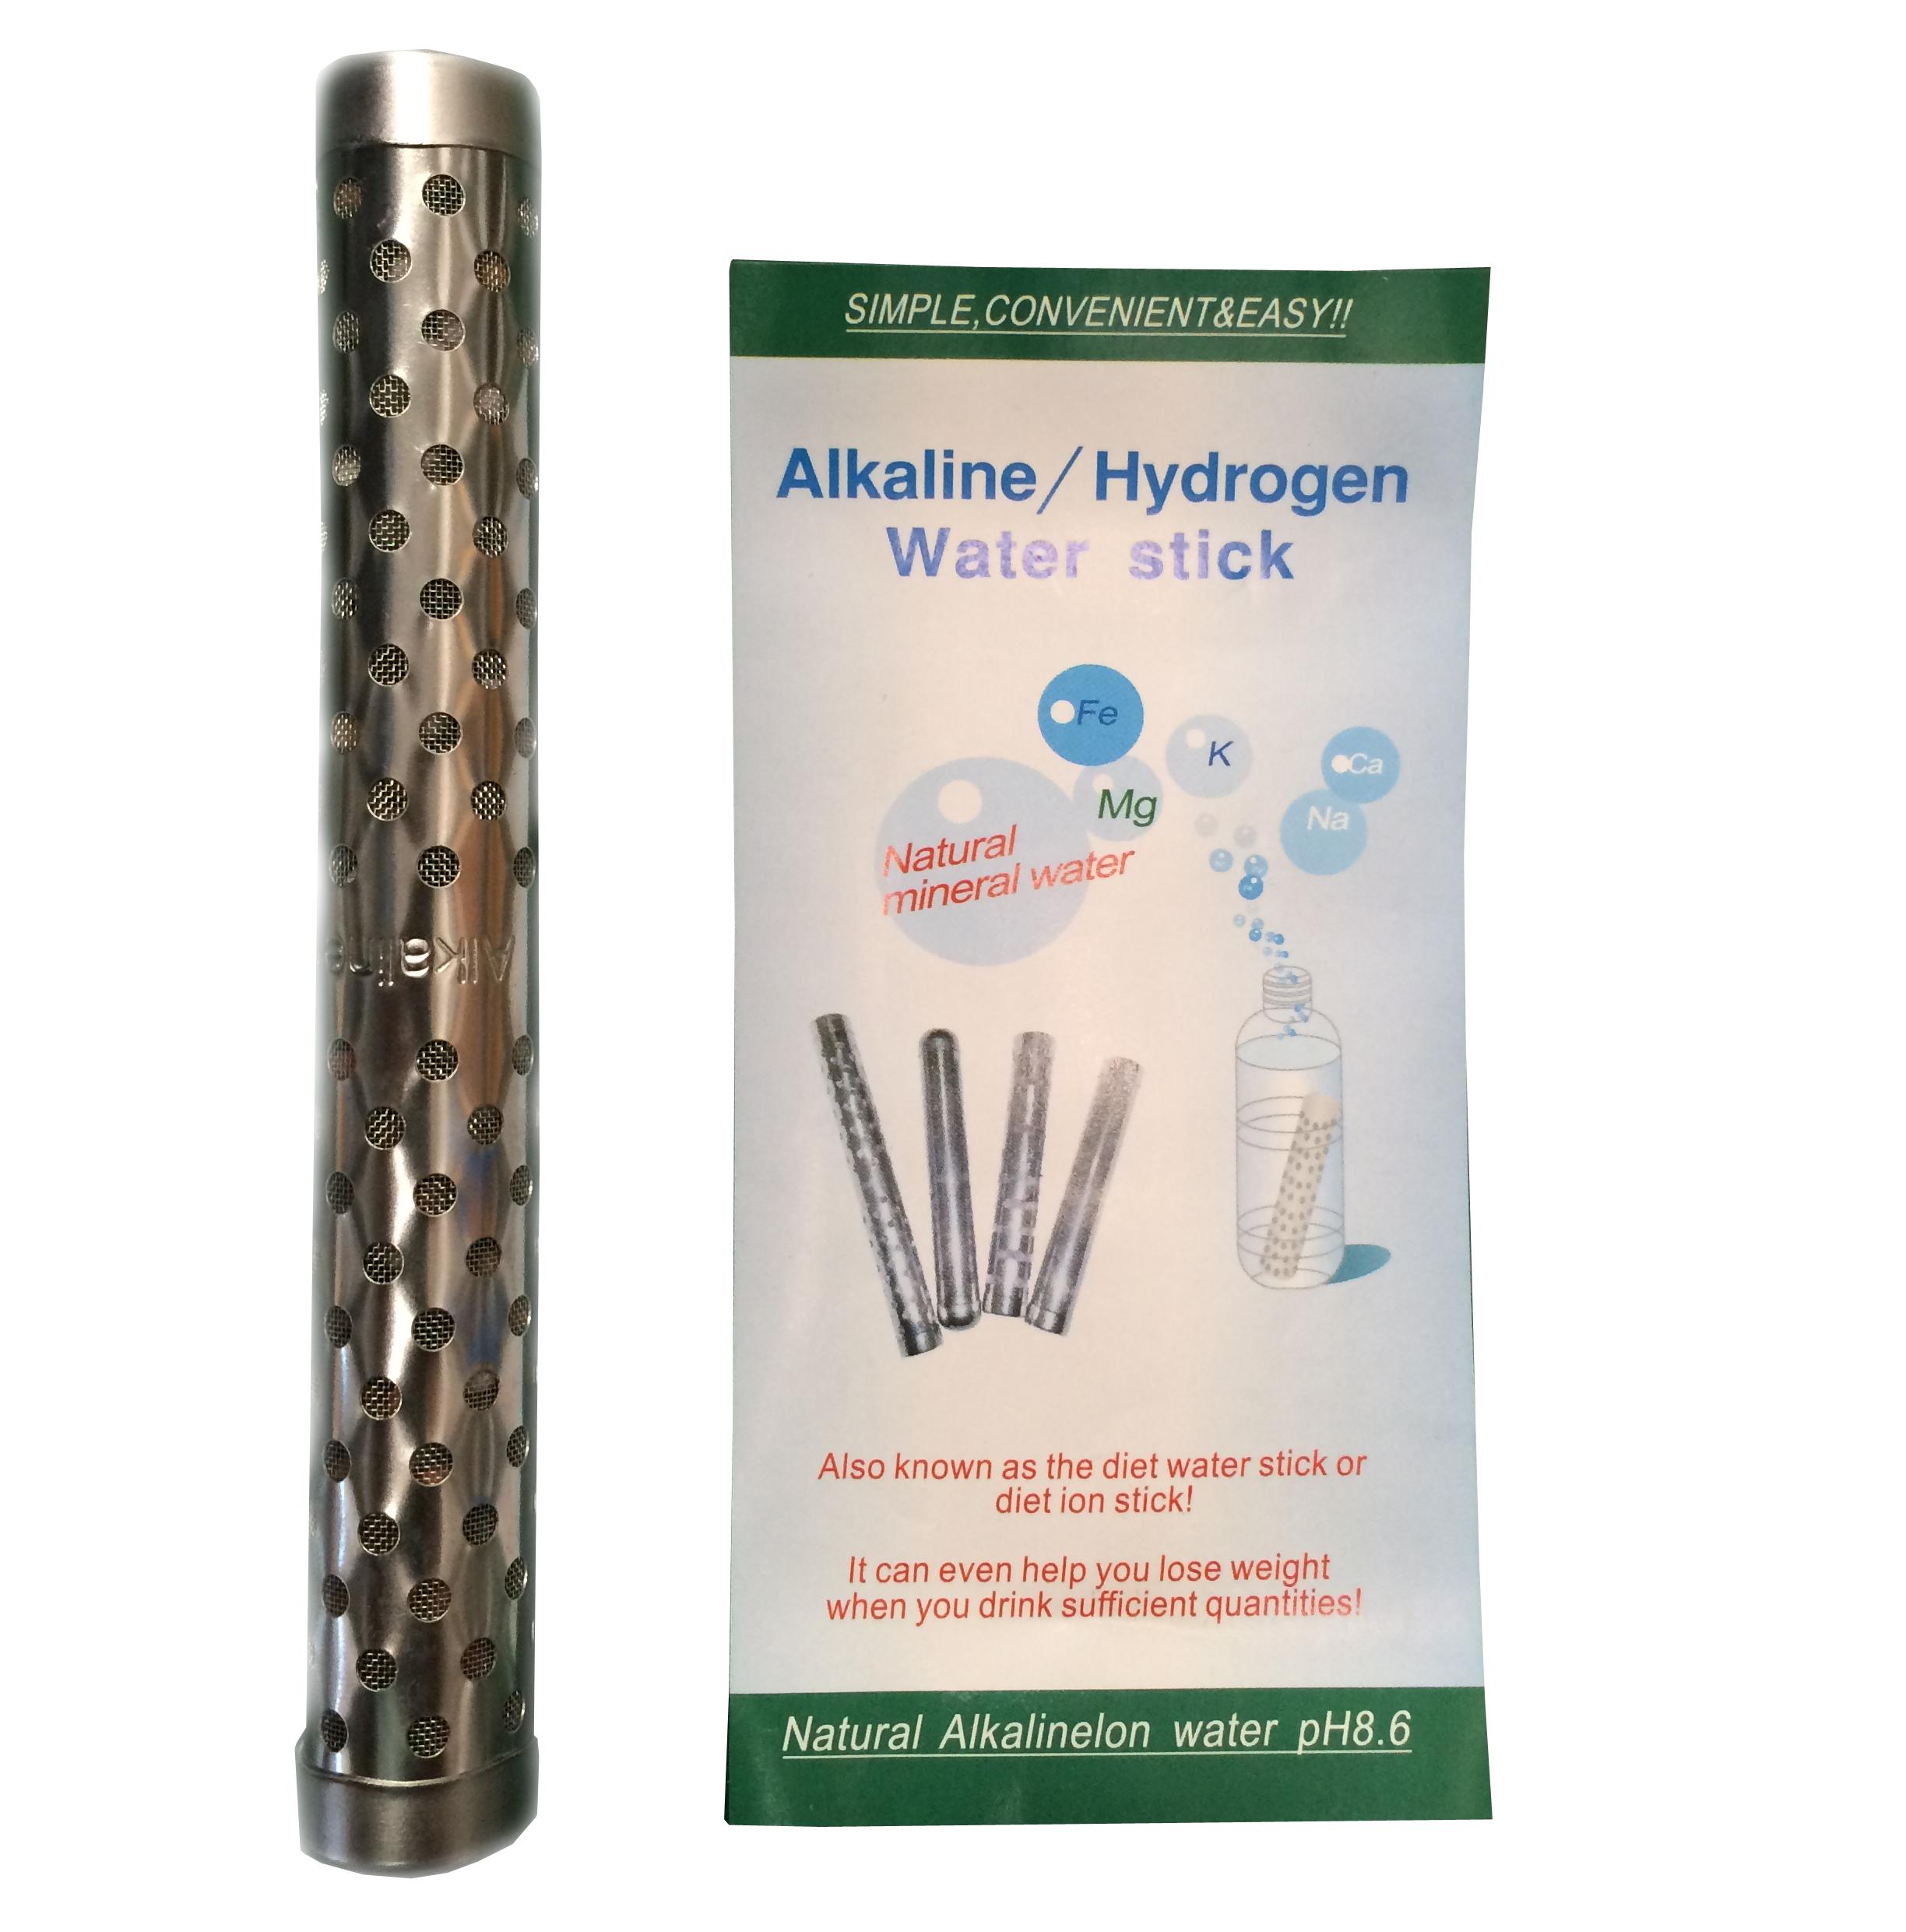 Alkaline Hydrogen Stick แท่งเพิ่มด่างและแร่ธาตุ